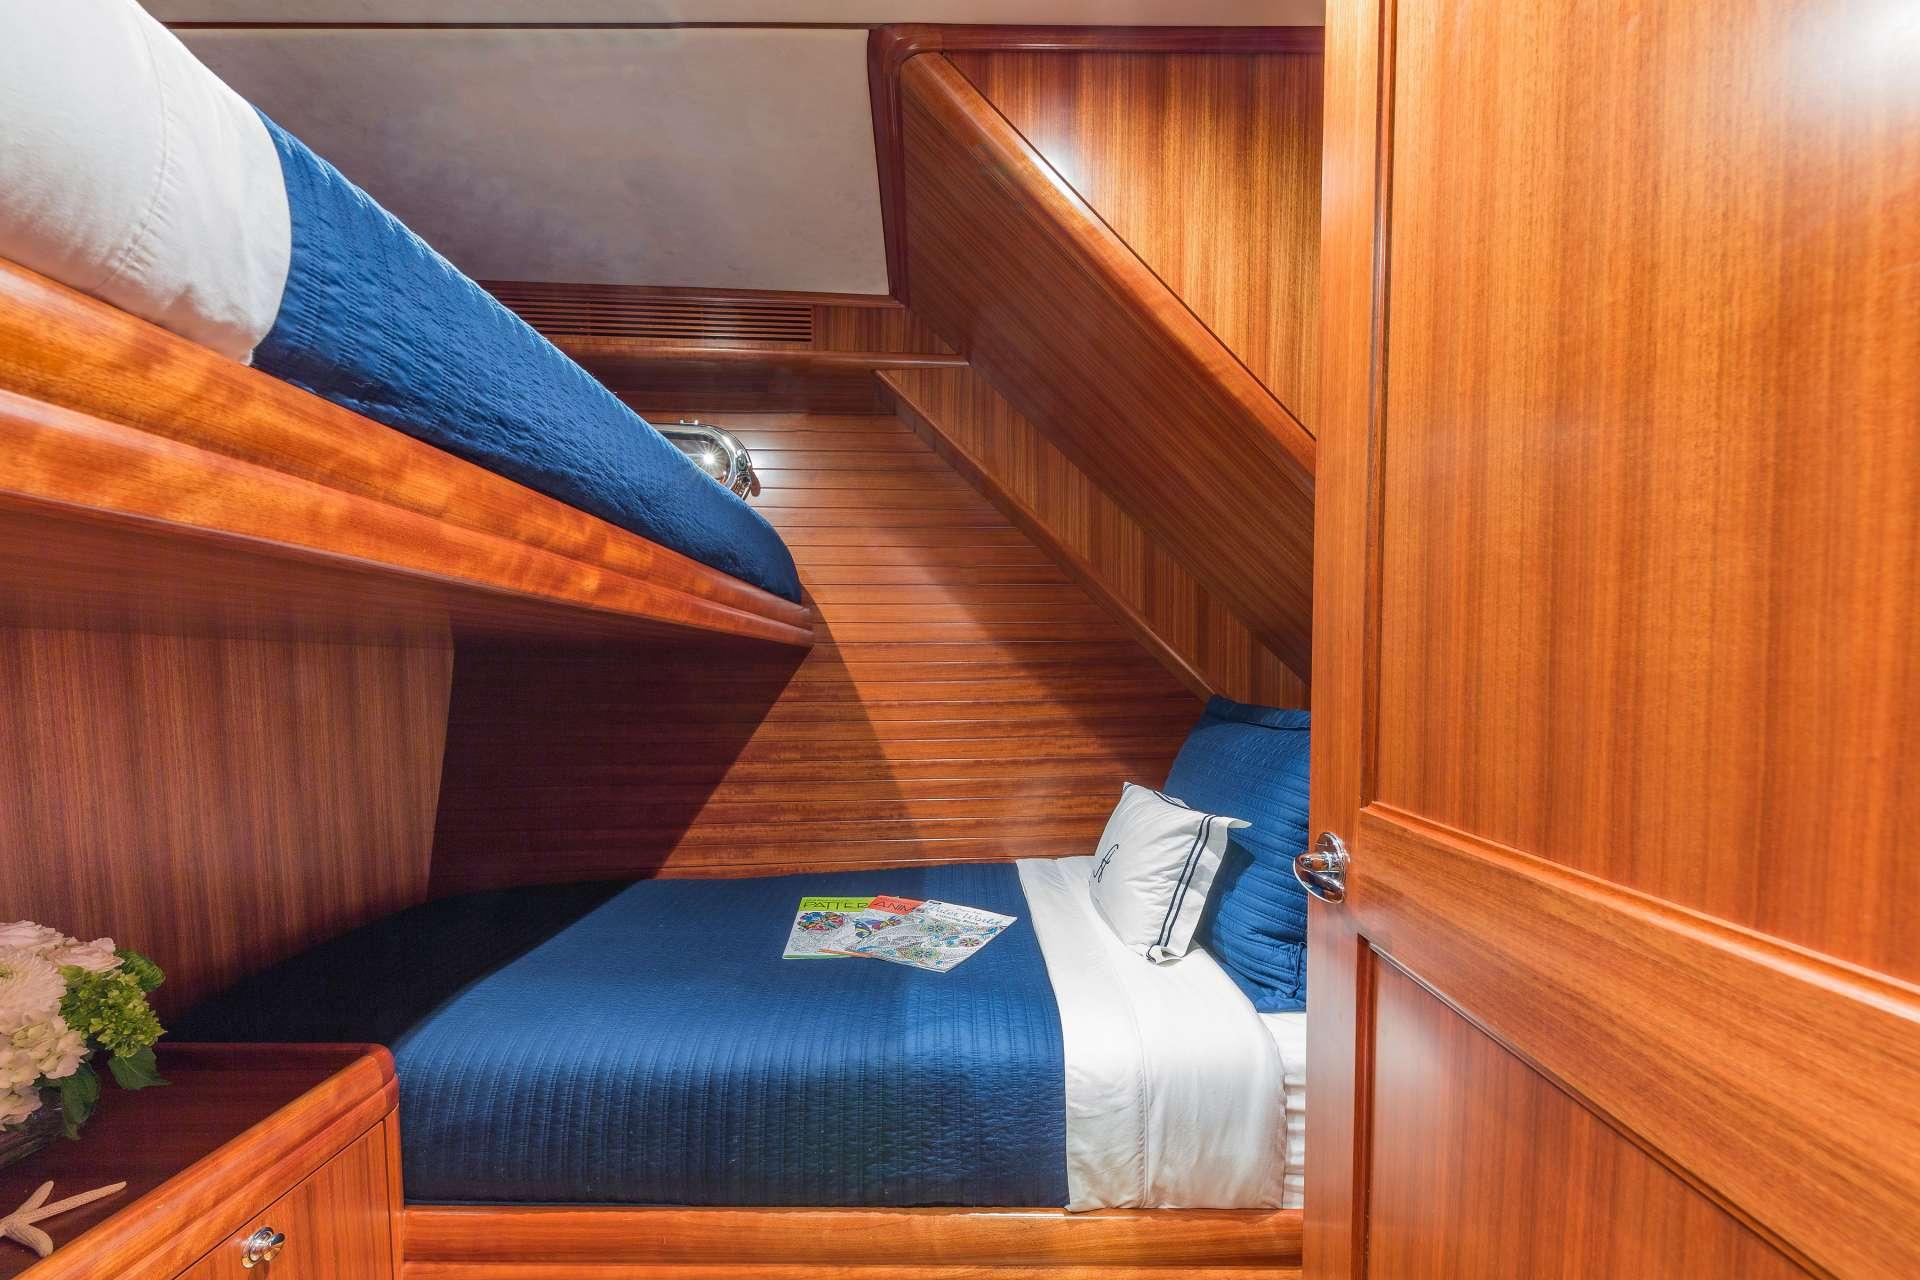 ASTURIAS yacht image # 7